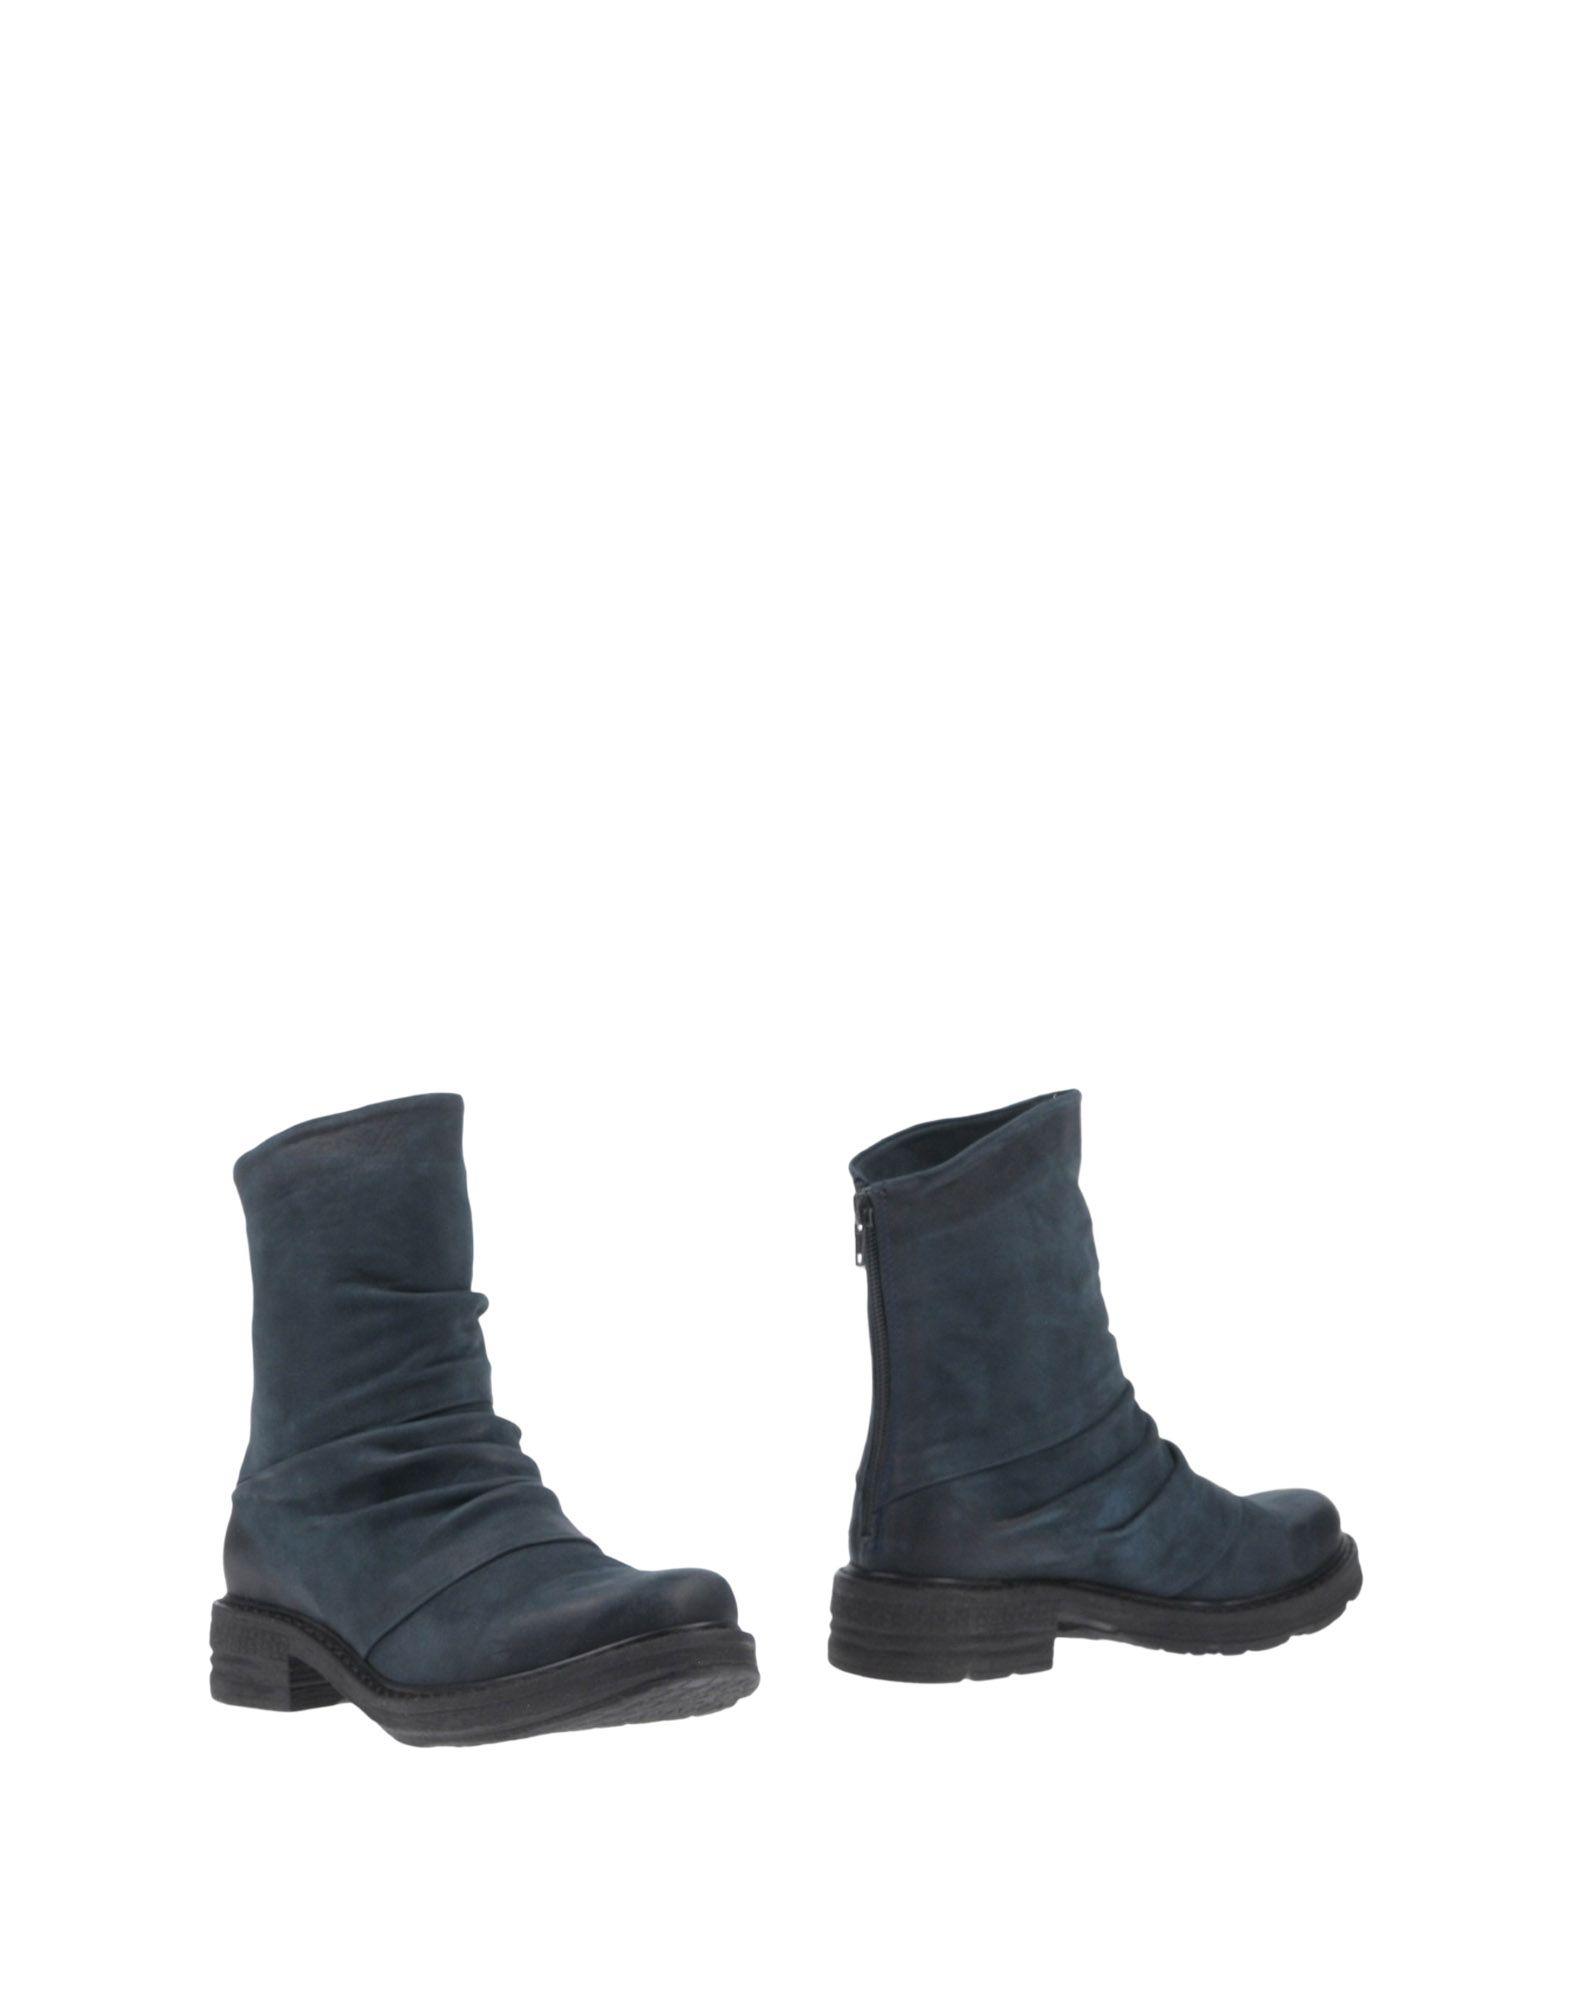 Bottine Bueno Femme - Bottines Bueno Bleu foncé Chaussures femme pas cher homme et femme